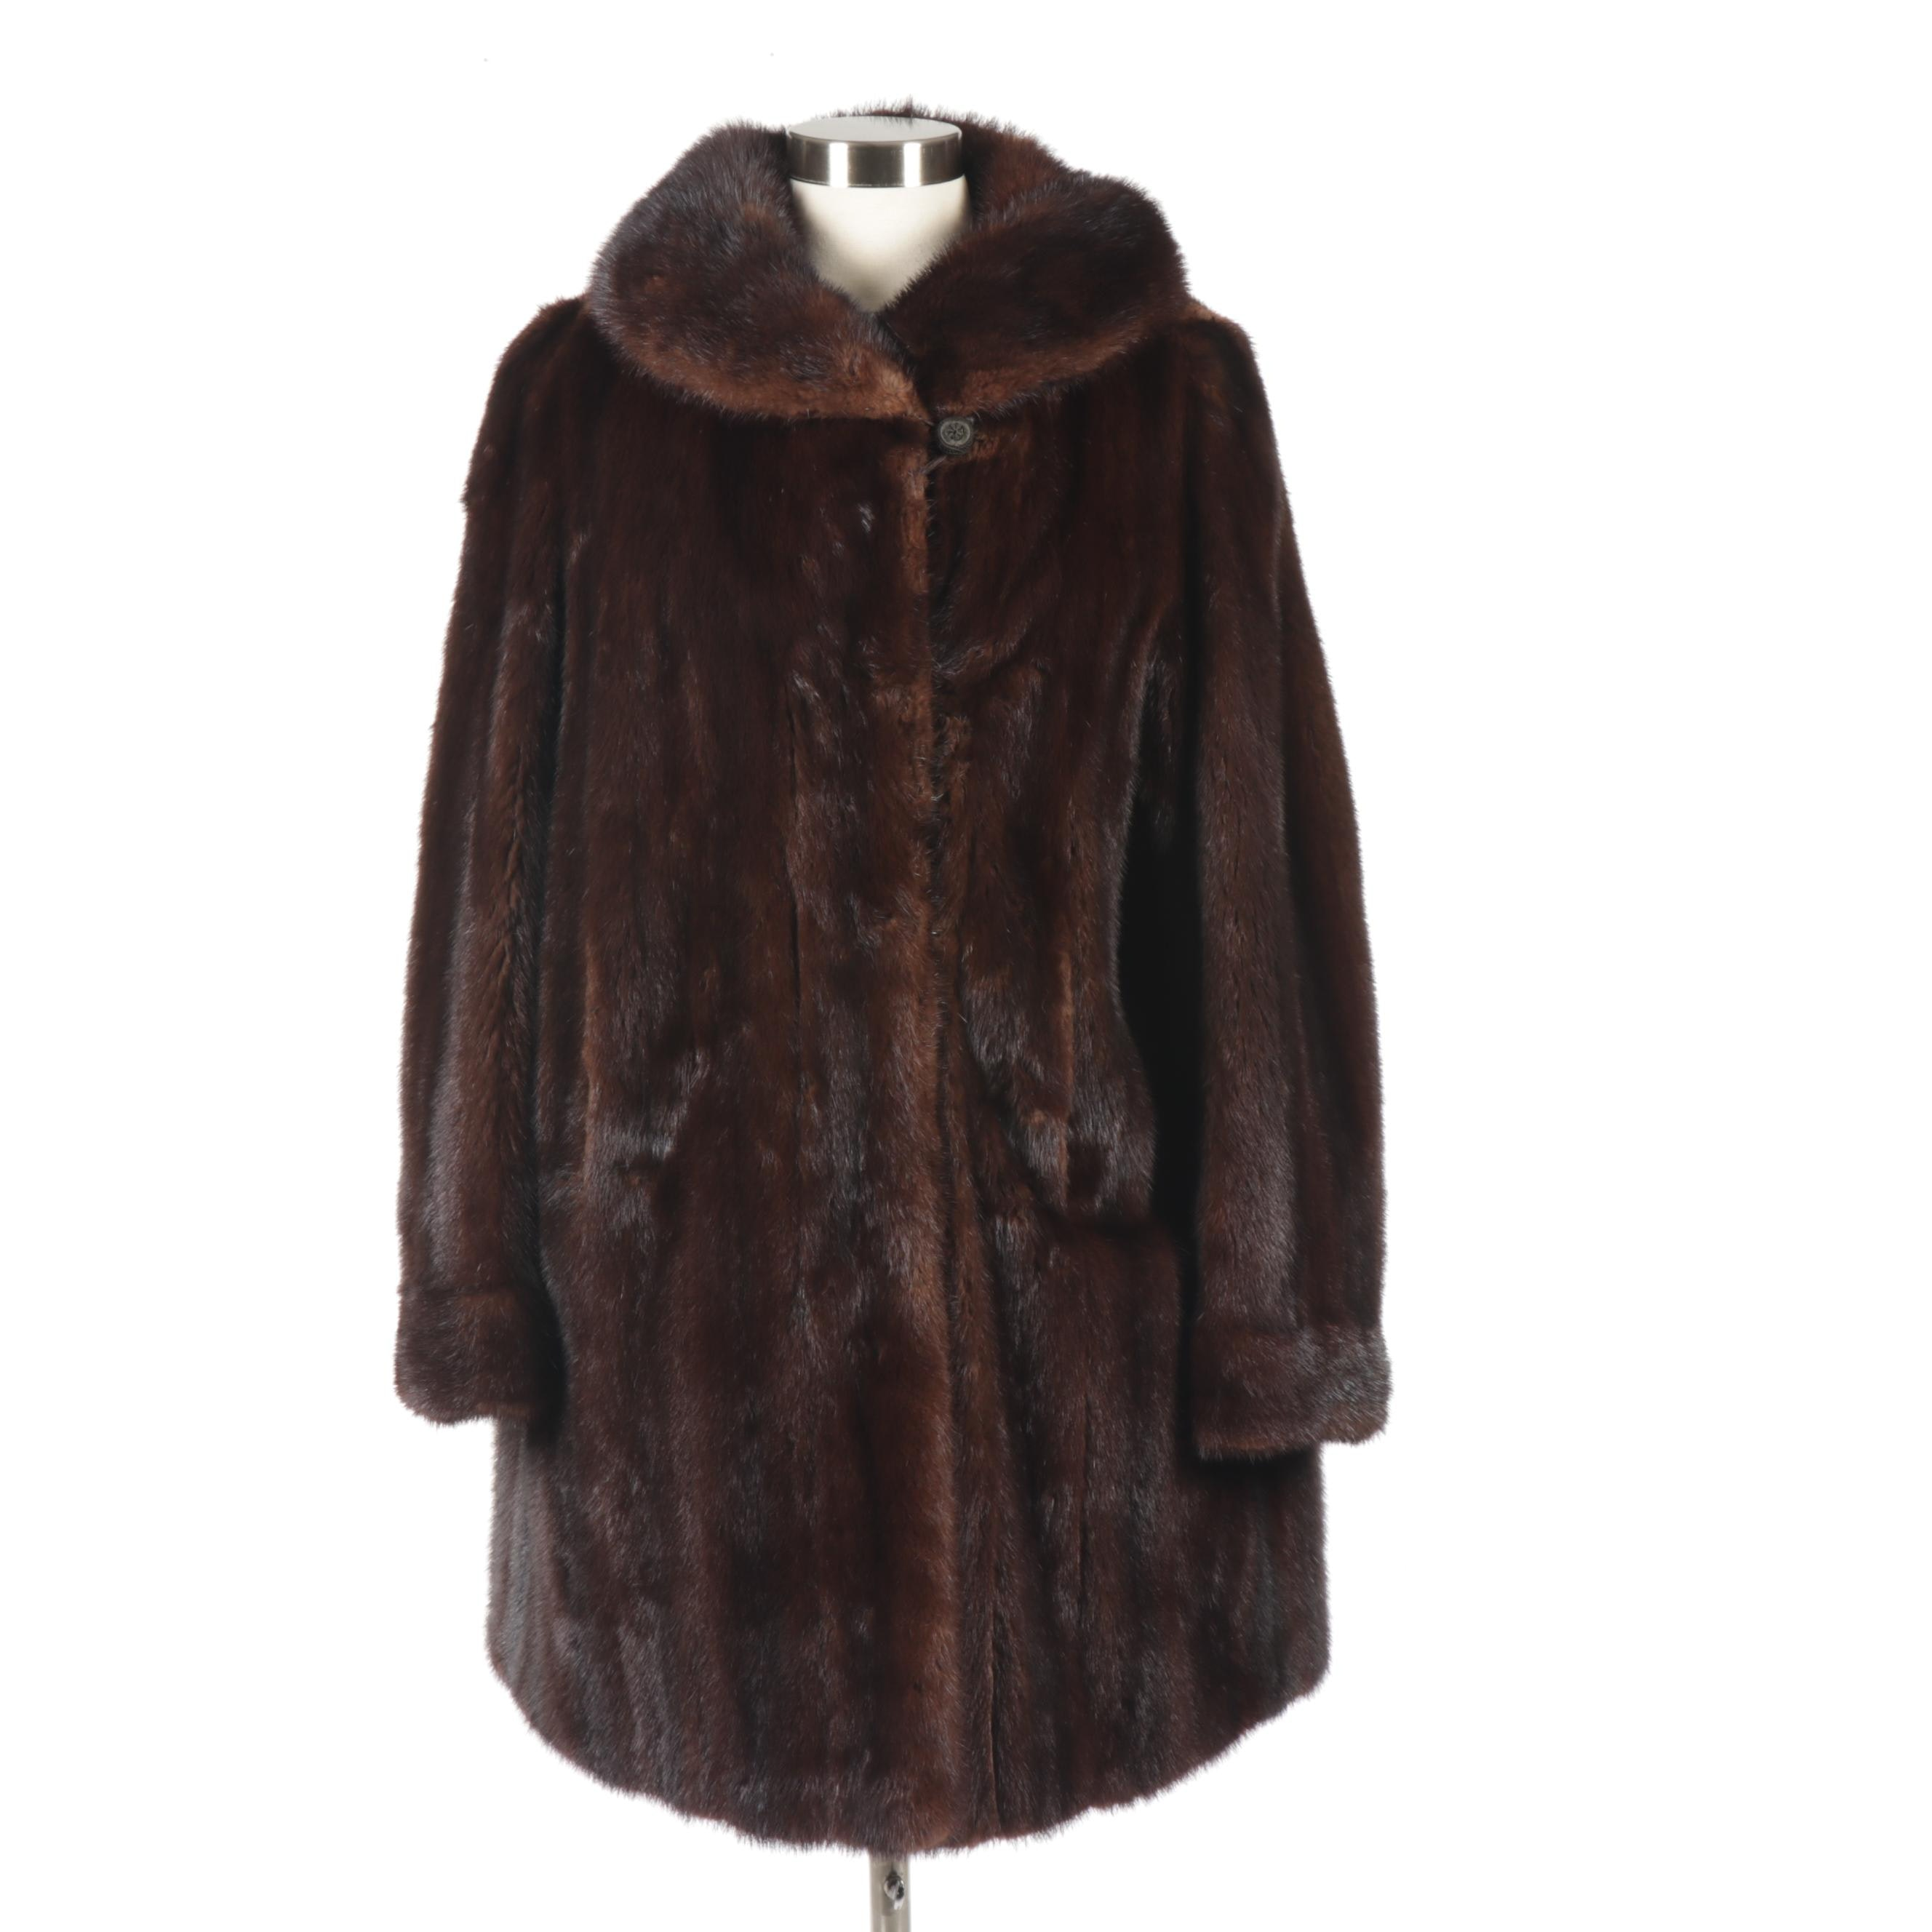 Women's Mahogany Mink Fur Coat, Vintage